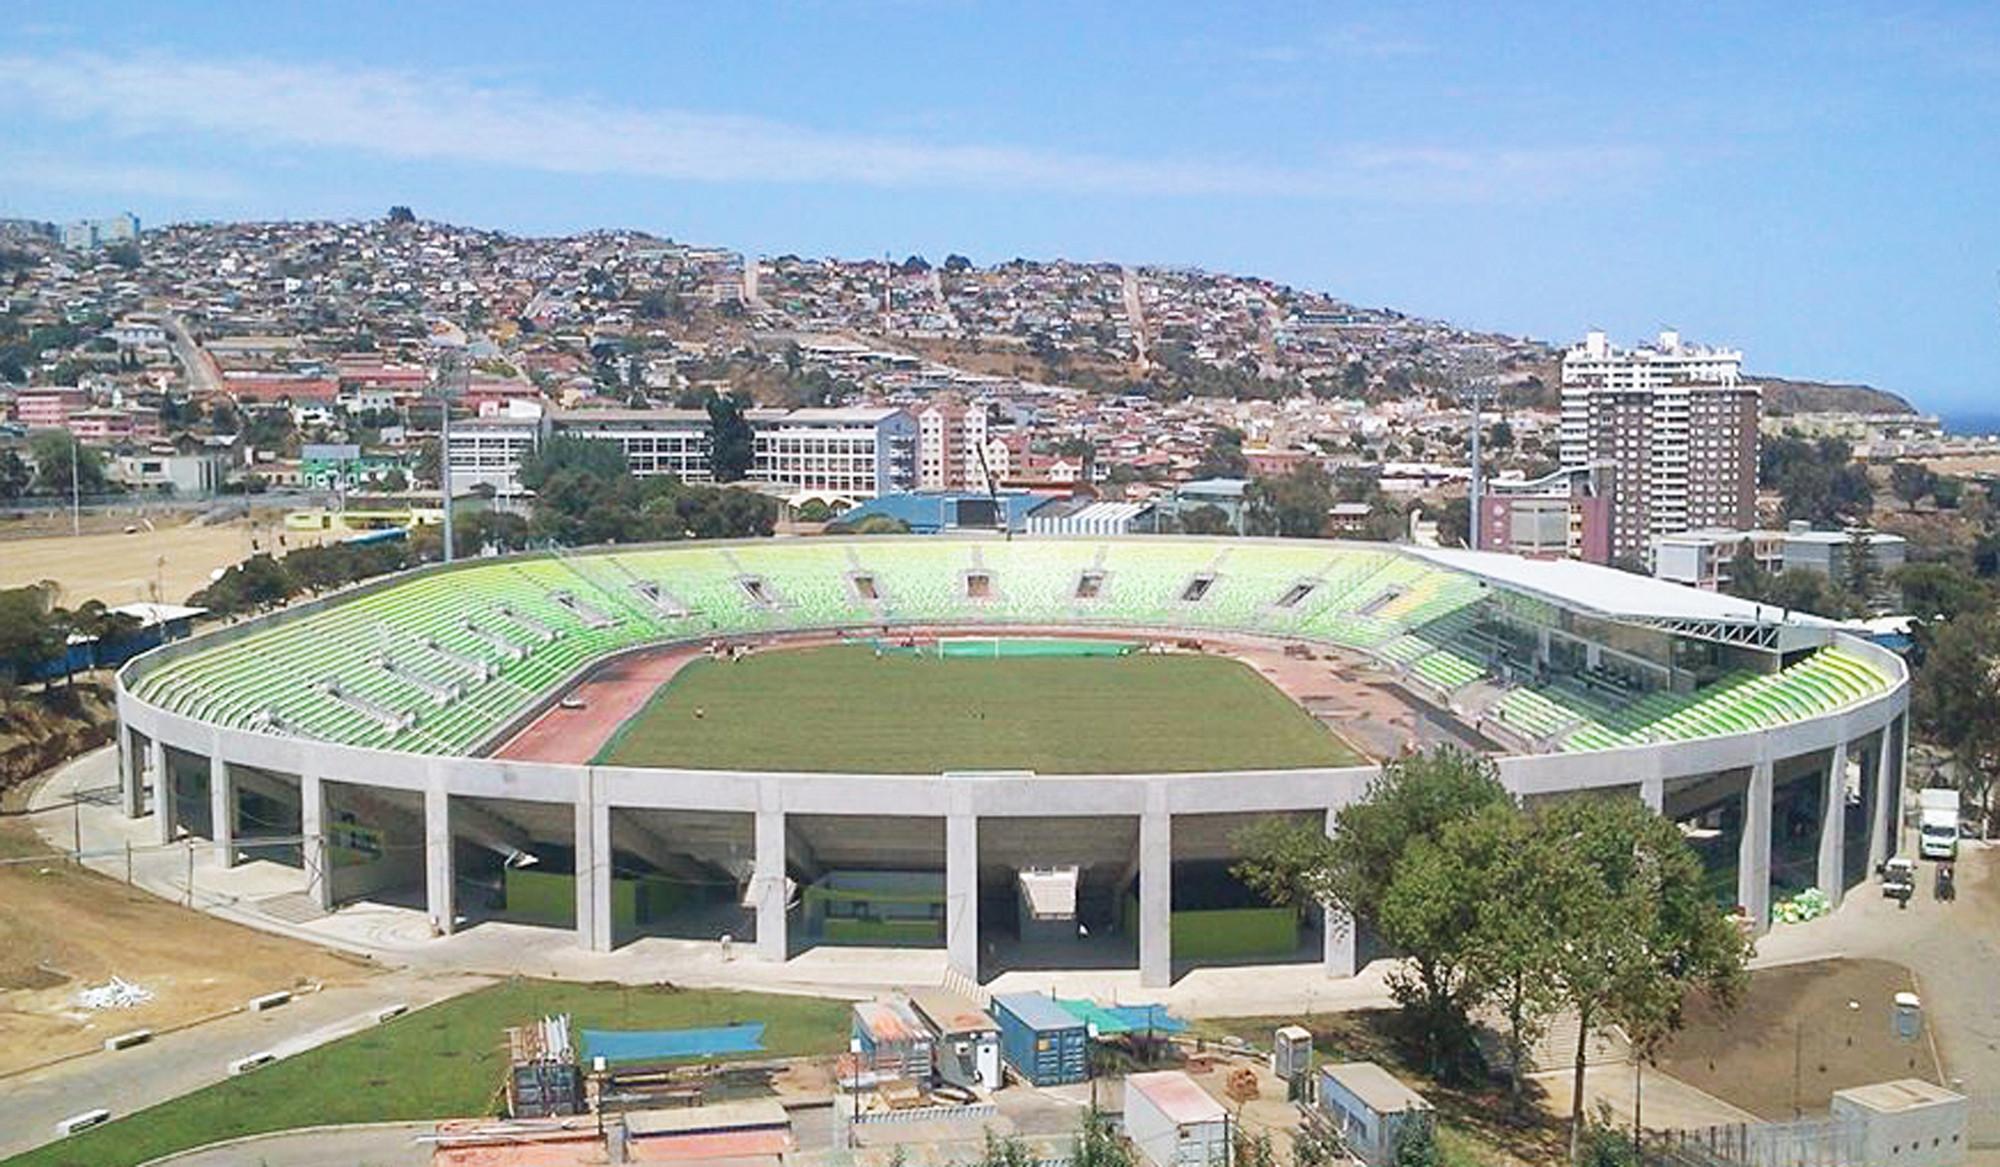 Estadio Elias Figueroa Brander de Valparaíso . Image © Courtesy of Gerardo Marambio + Claudio Aceituno + Mauricio Carrión + Claudio Palavecino